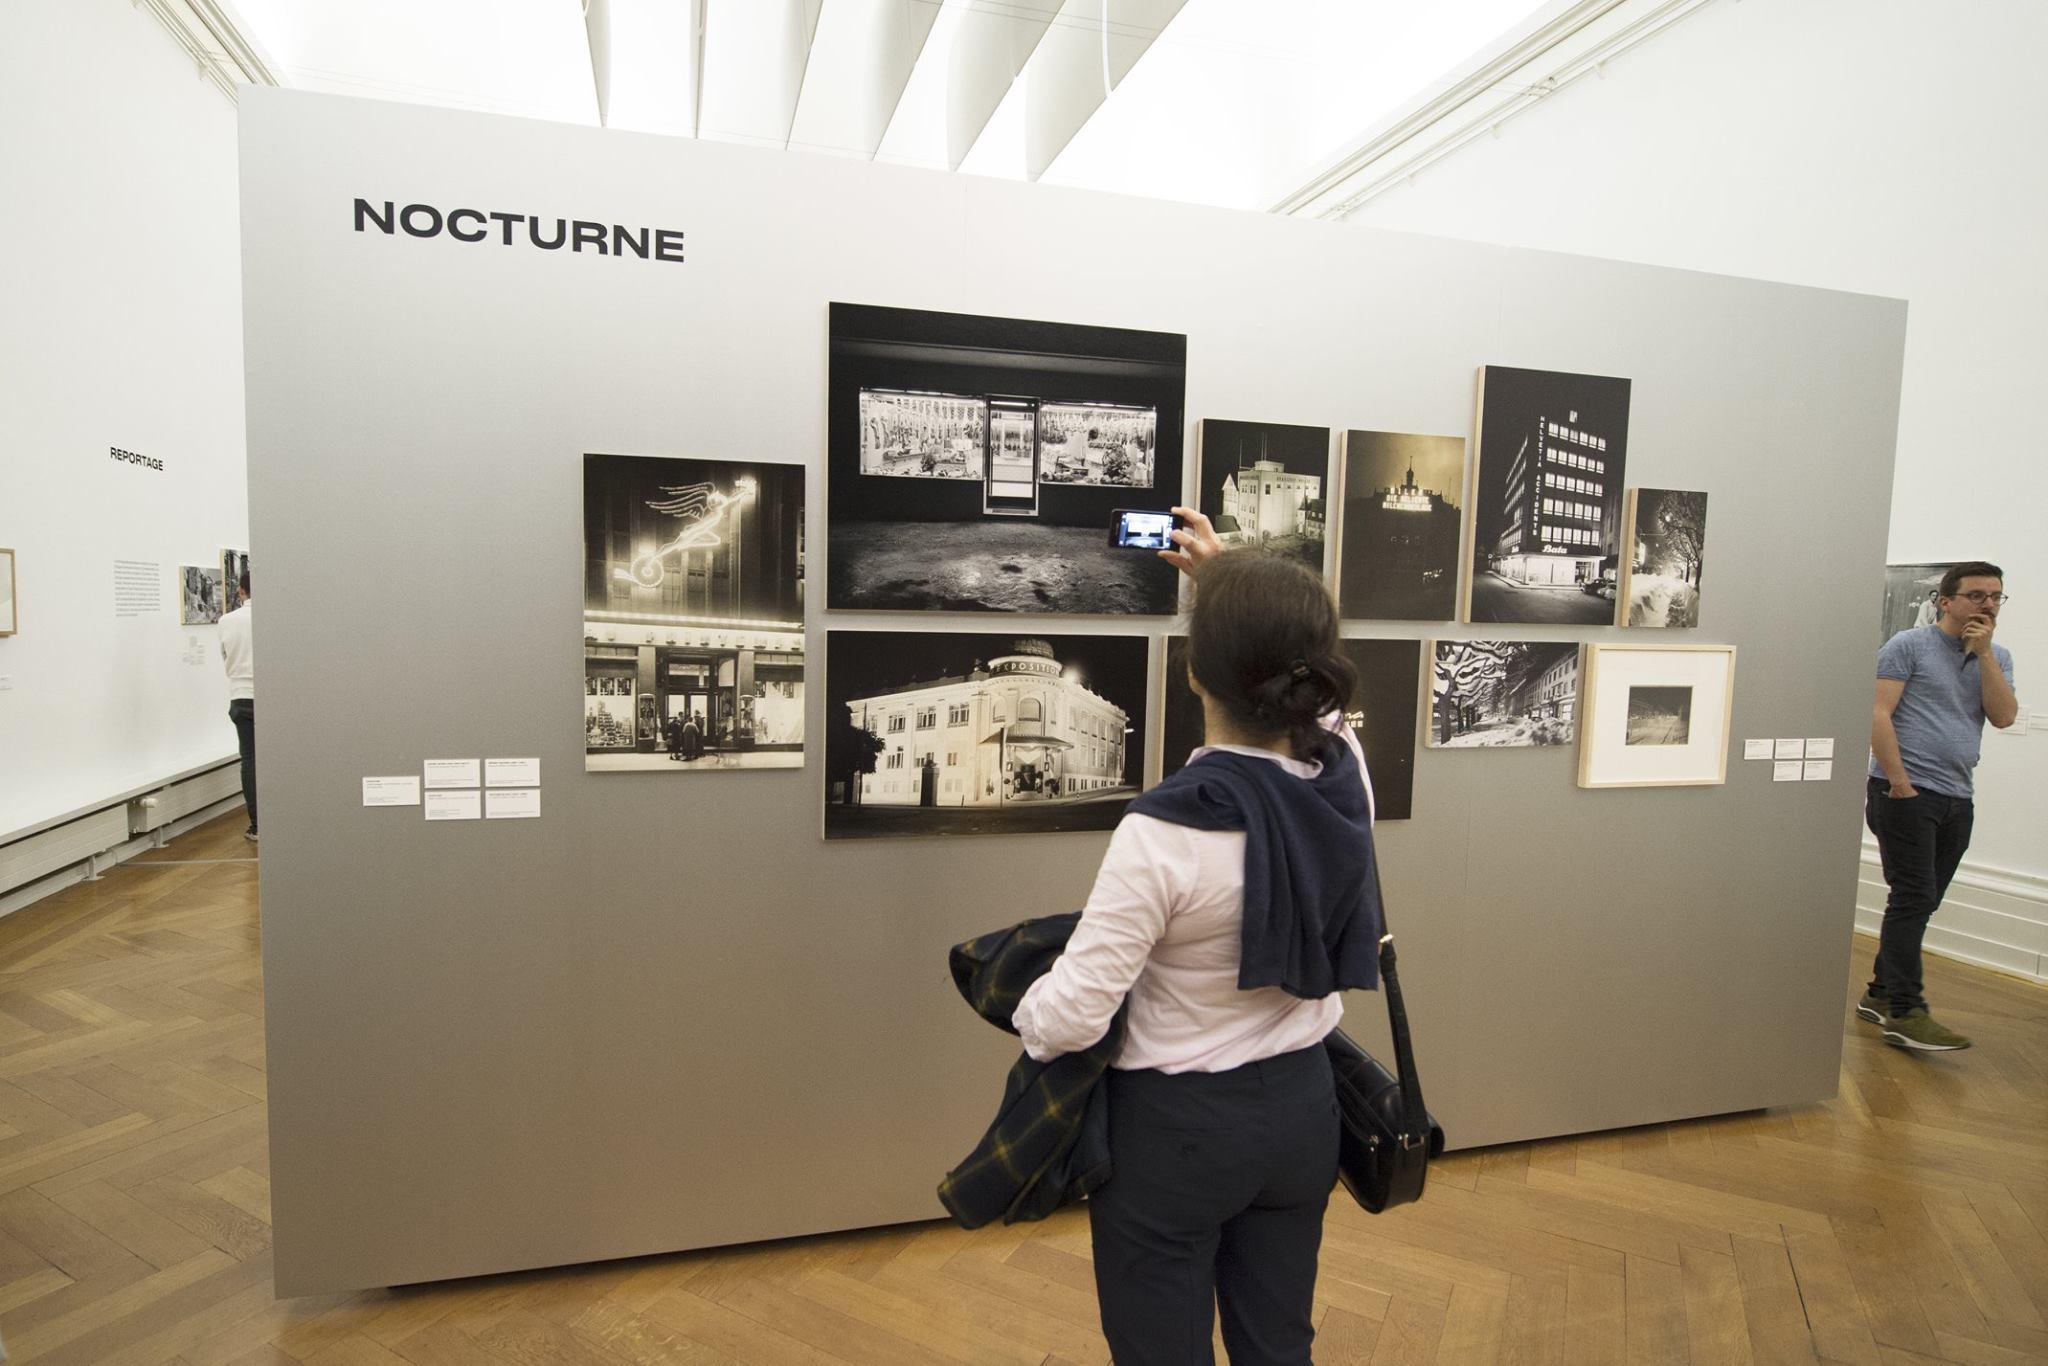 Visite libre et gratuite du MahN durant toute la soirée jusqu'à minuit, l'occasion de découvrir le monde des musées